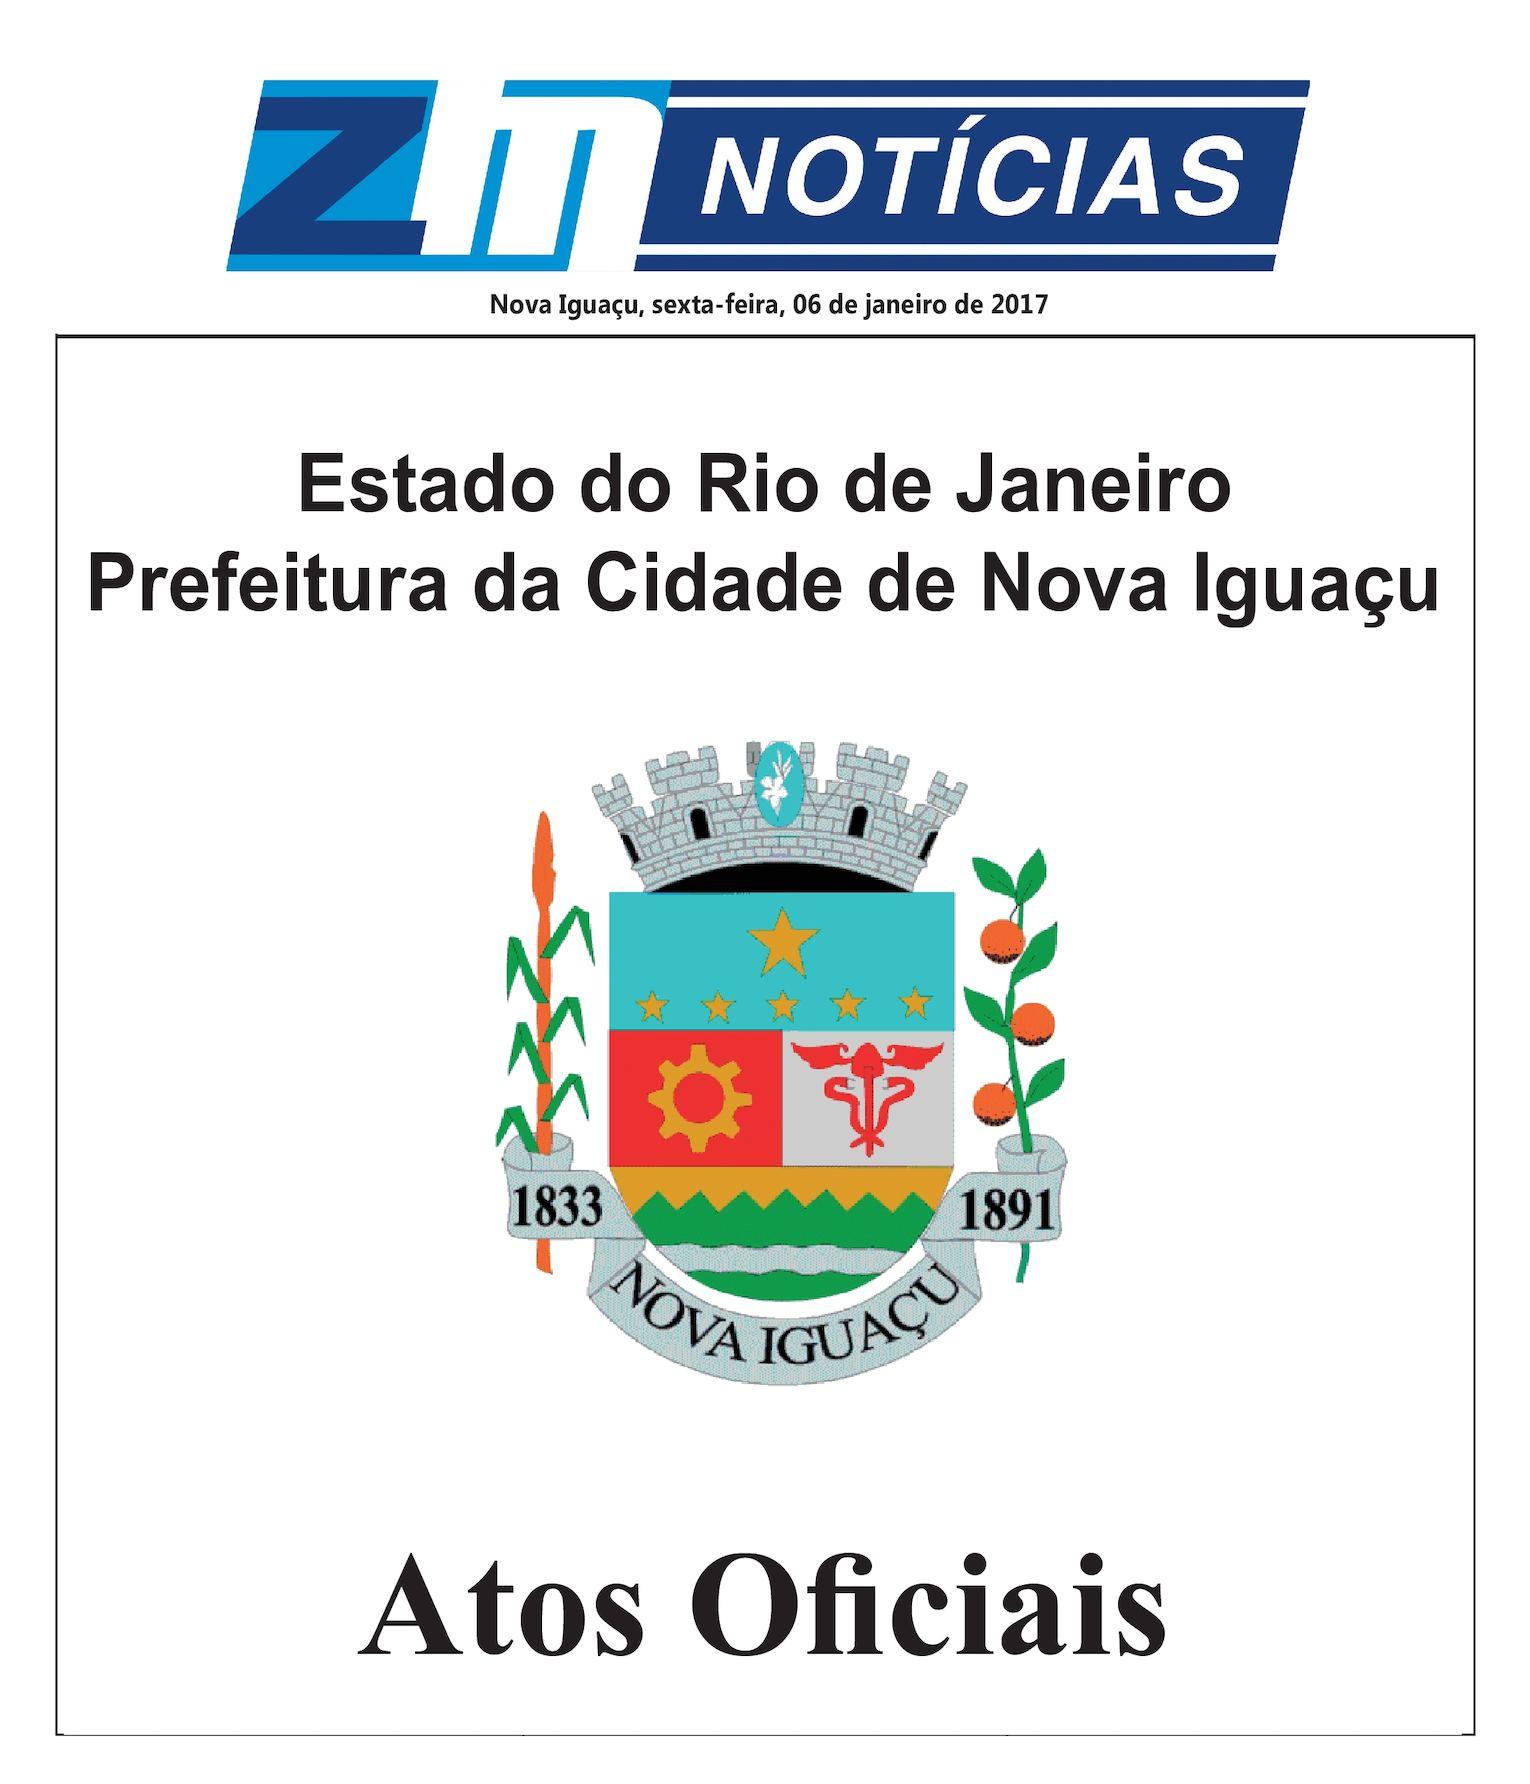 P C N I Atos Oficiais 060117